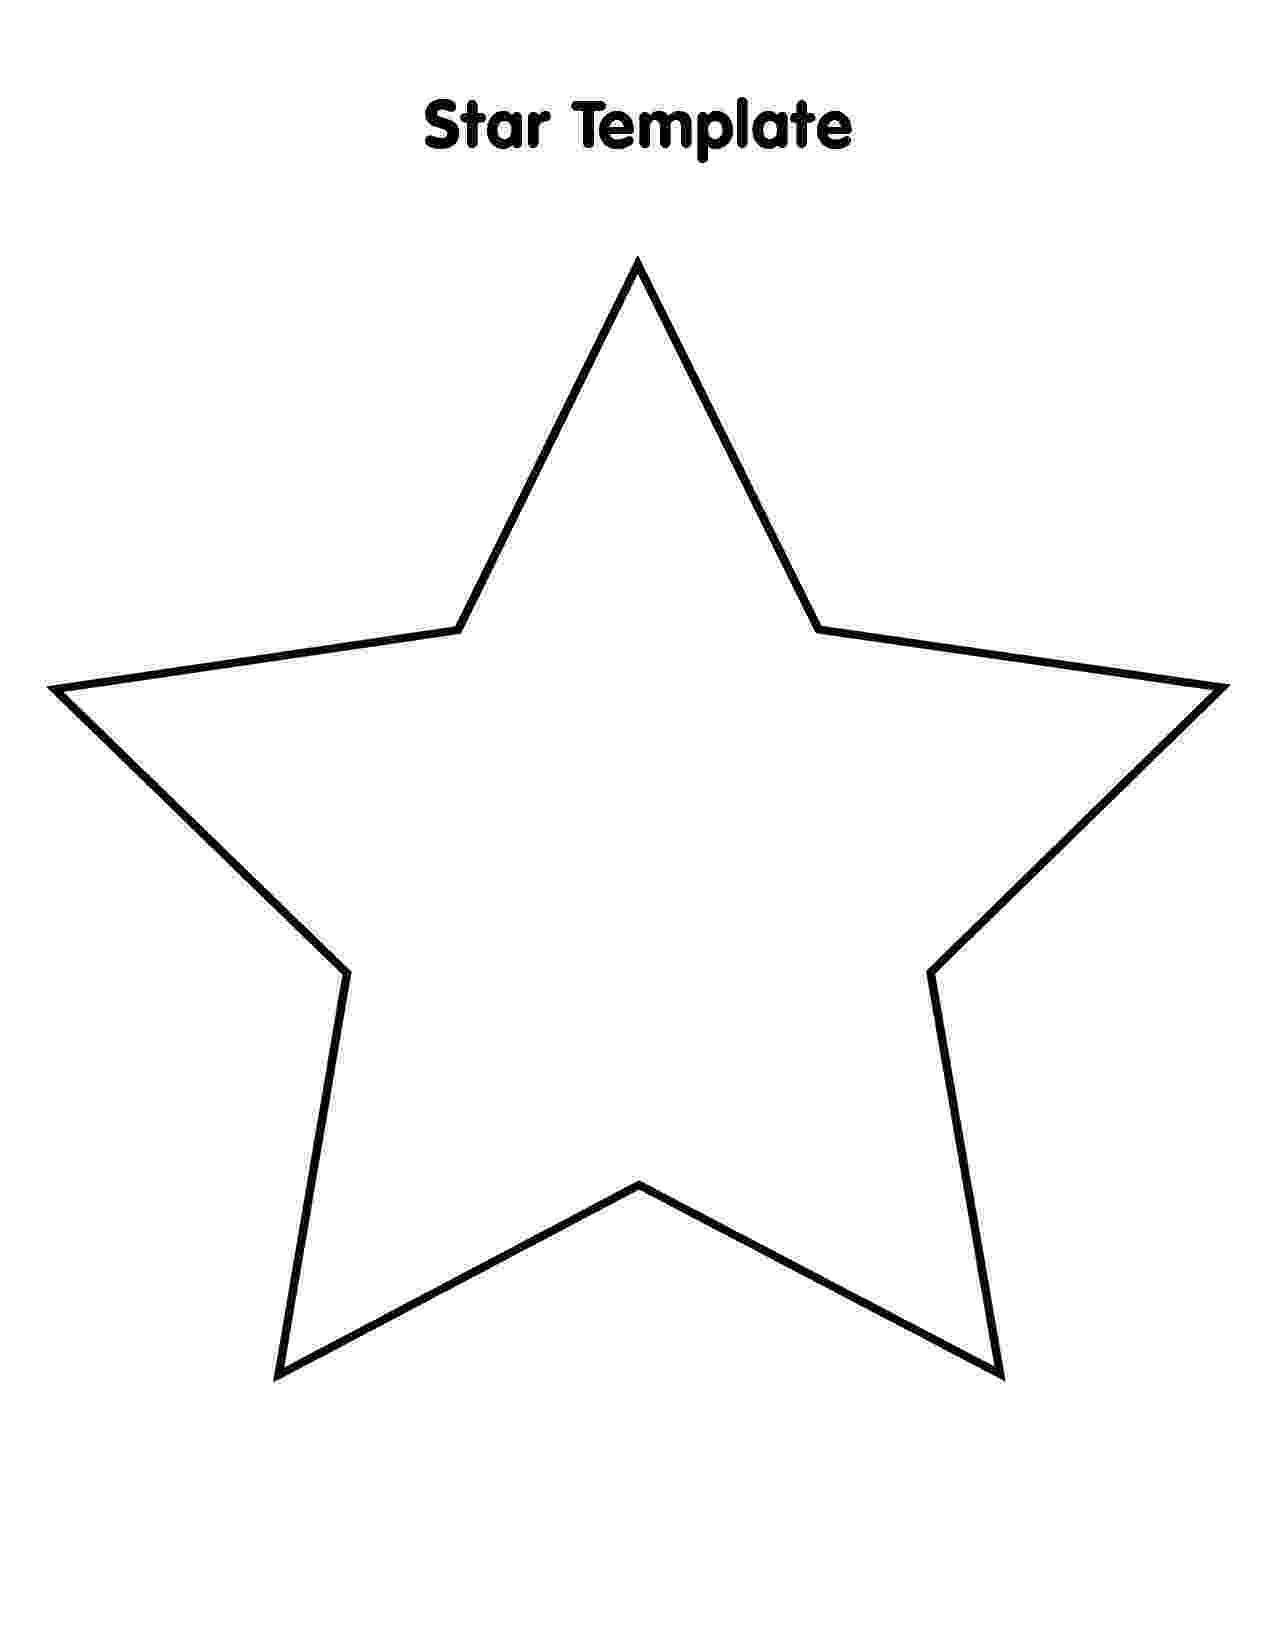 printable star star template 7 inch tim39s printables printable star